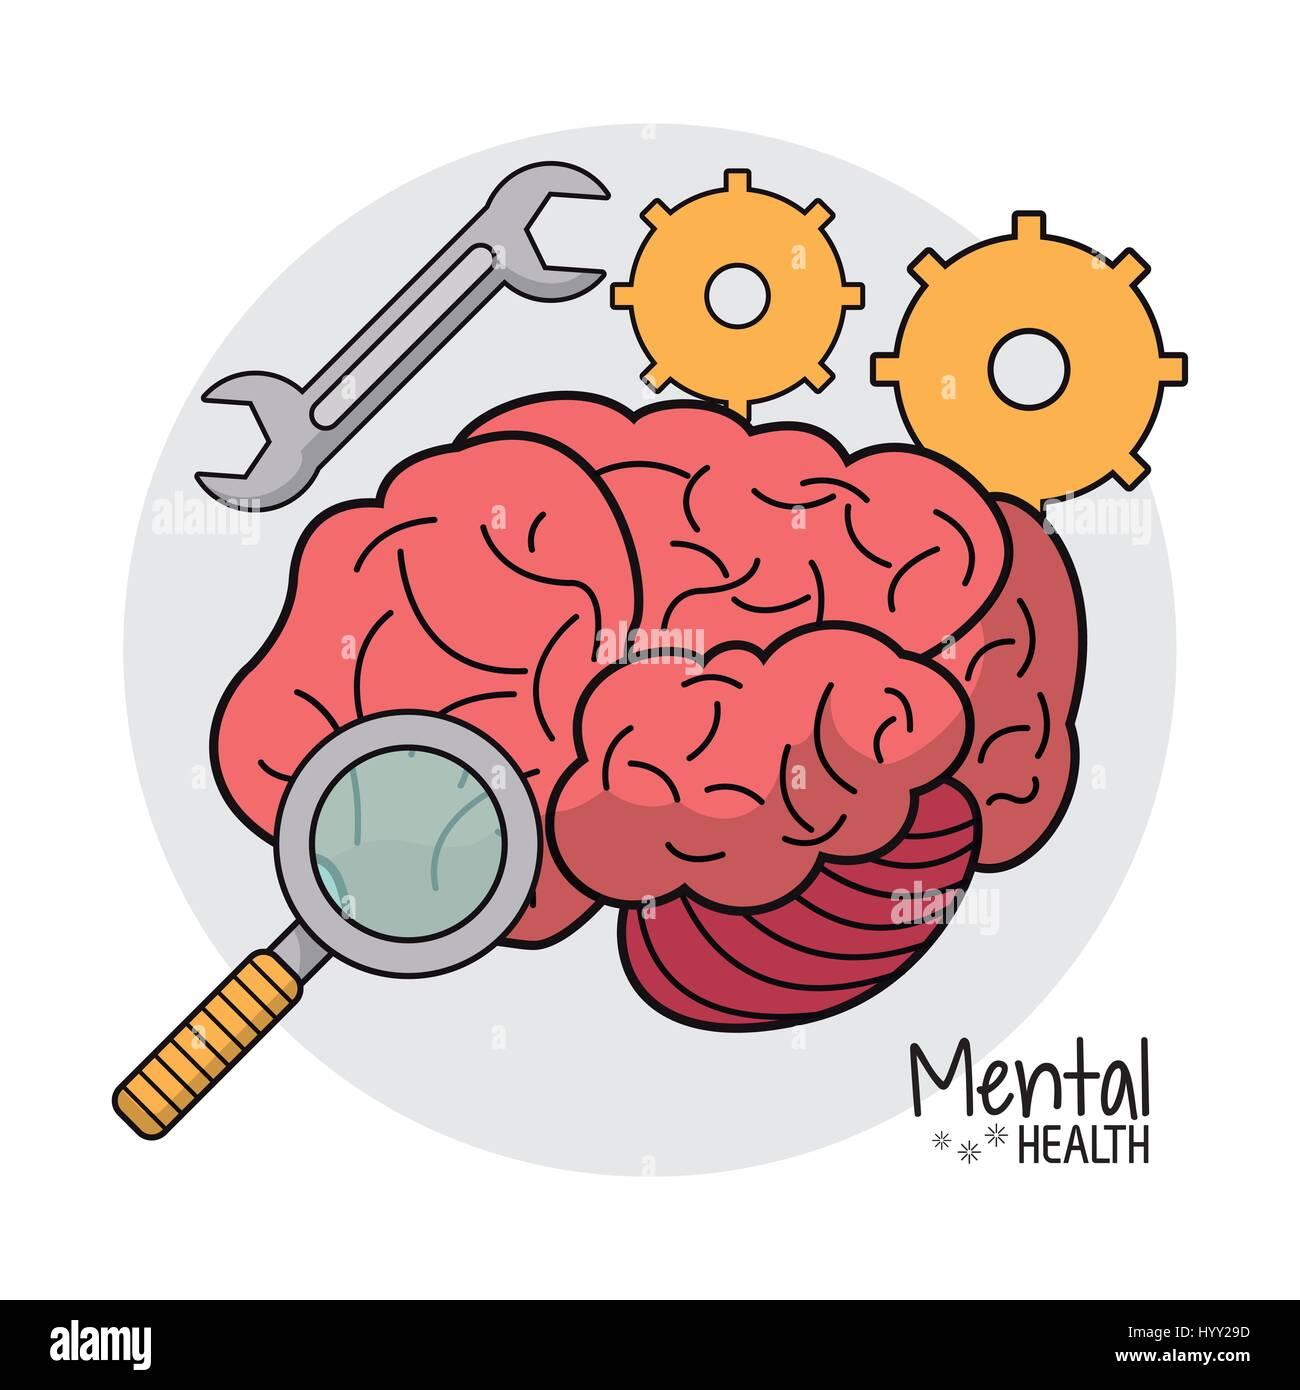 Image recherche de santé mentale Photo Stock